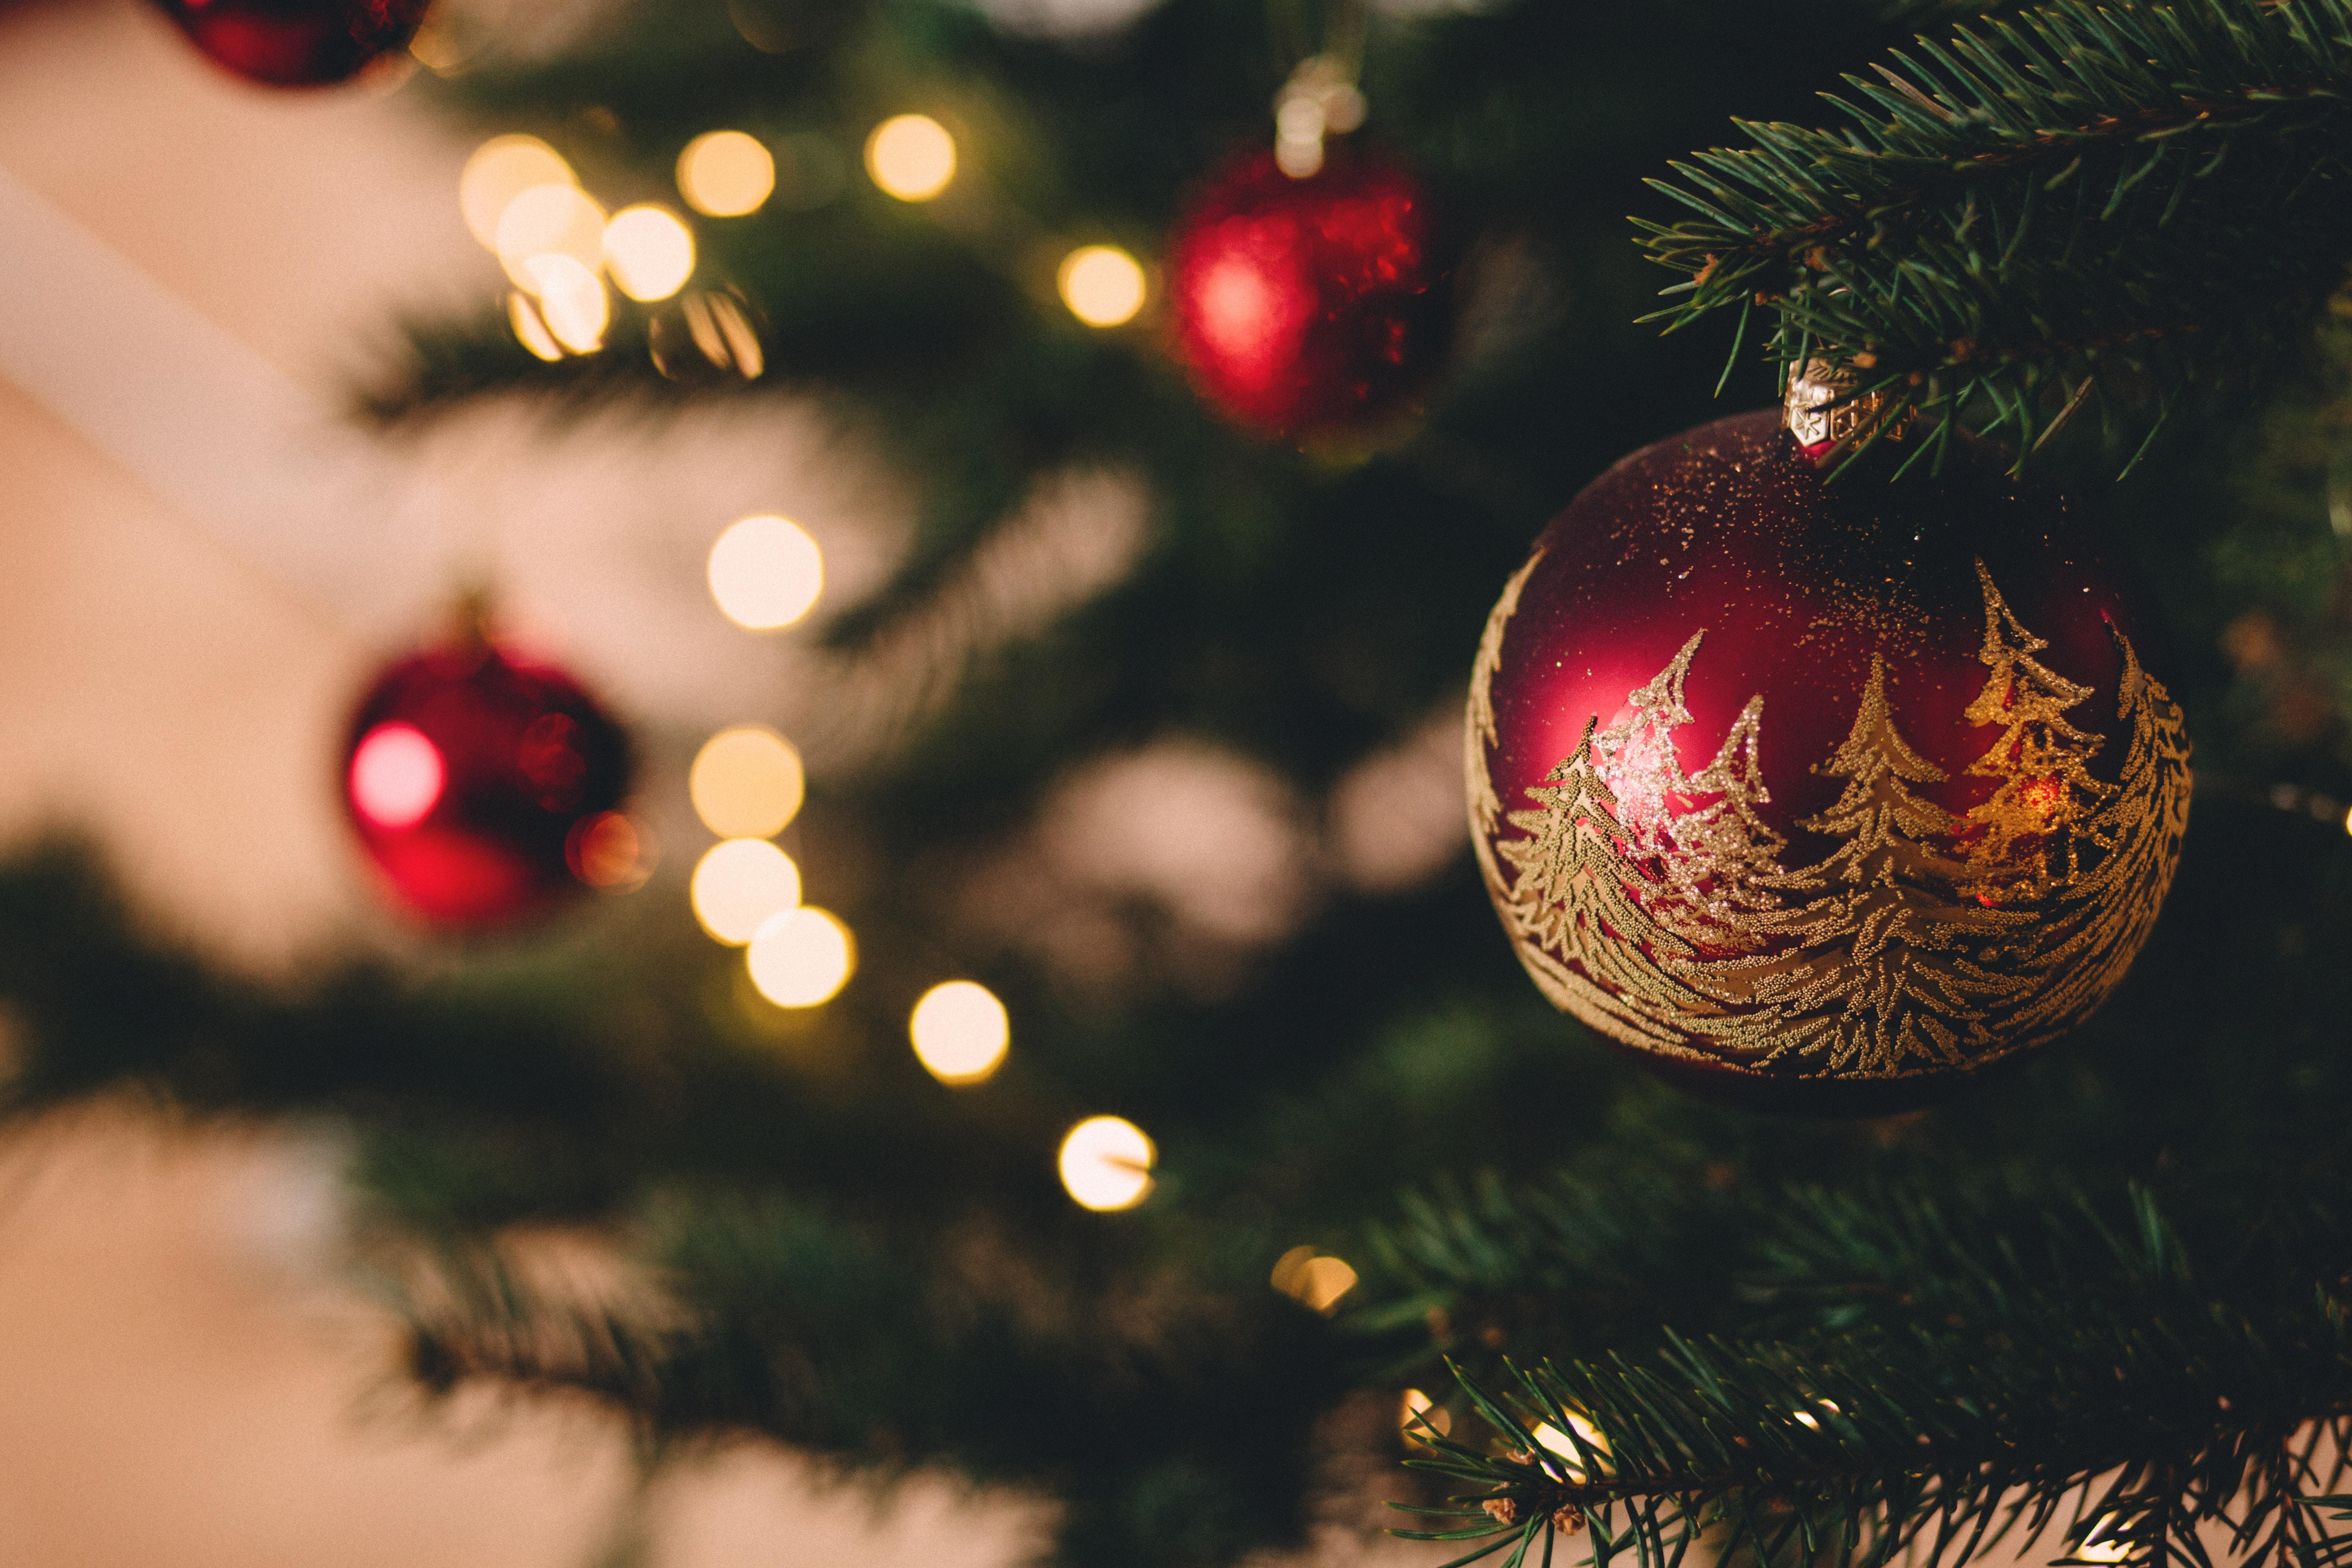 140713 Salvapantallas y fondos de pantalla Año Nuevo en tu teléfono. Descarga imágenes de Vacaciones, Juguete Del Árbol De Navidad, Árbol De Navidad De Juego, Bola, Pelota, Decoración, Año Nuevo, Navidad gratis